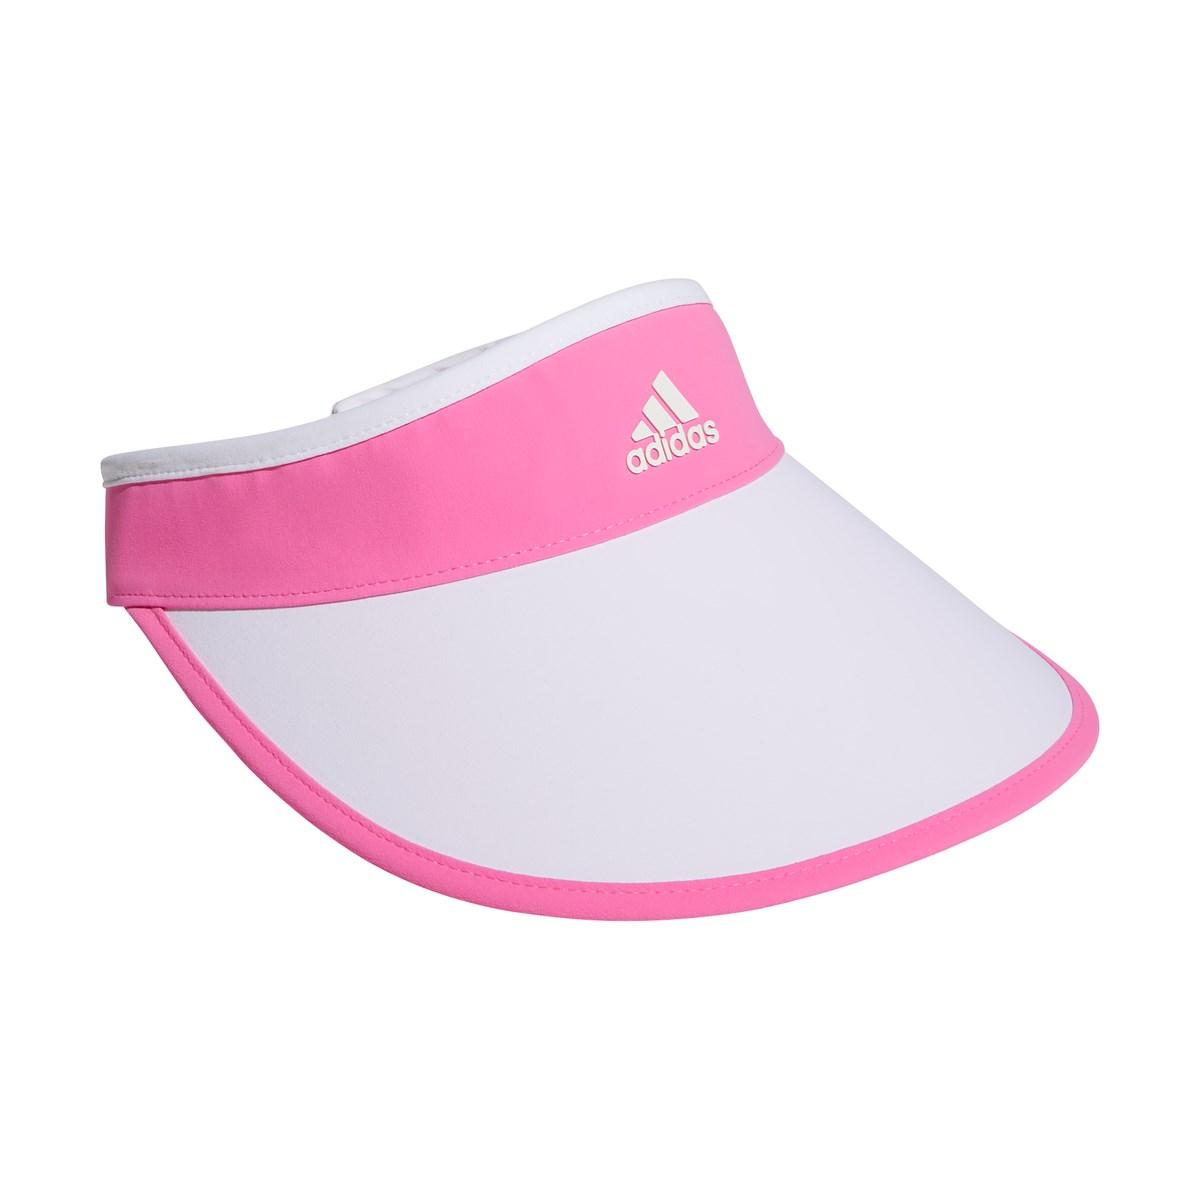 アディダス Adidas UVコンパクトサンバイザー フリー スクリーミングピンク レディス